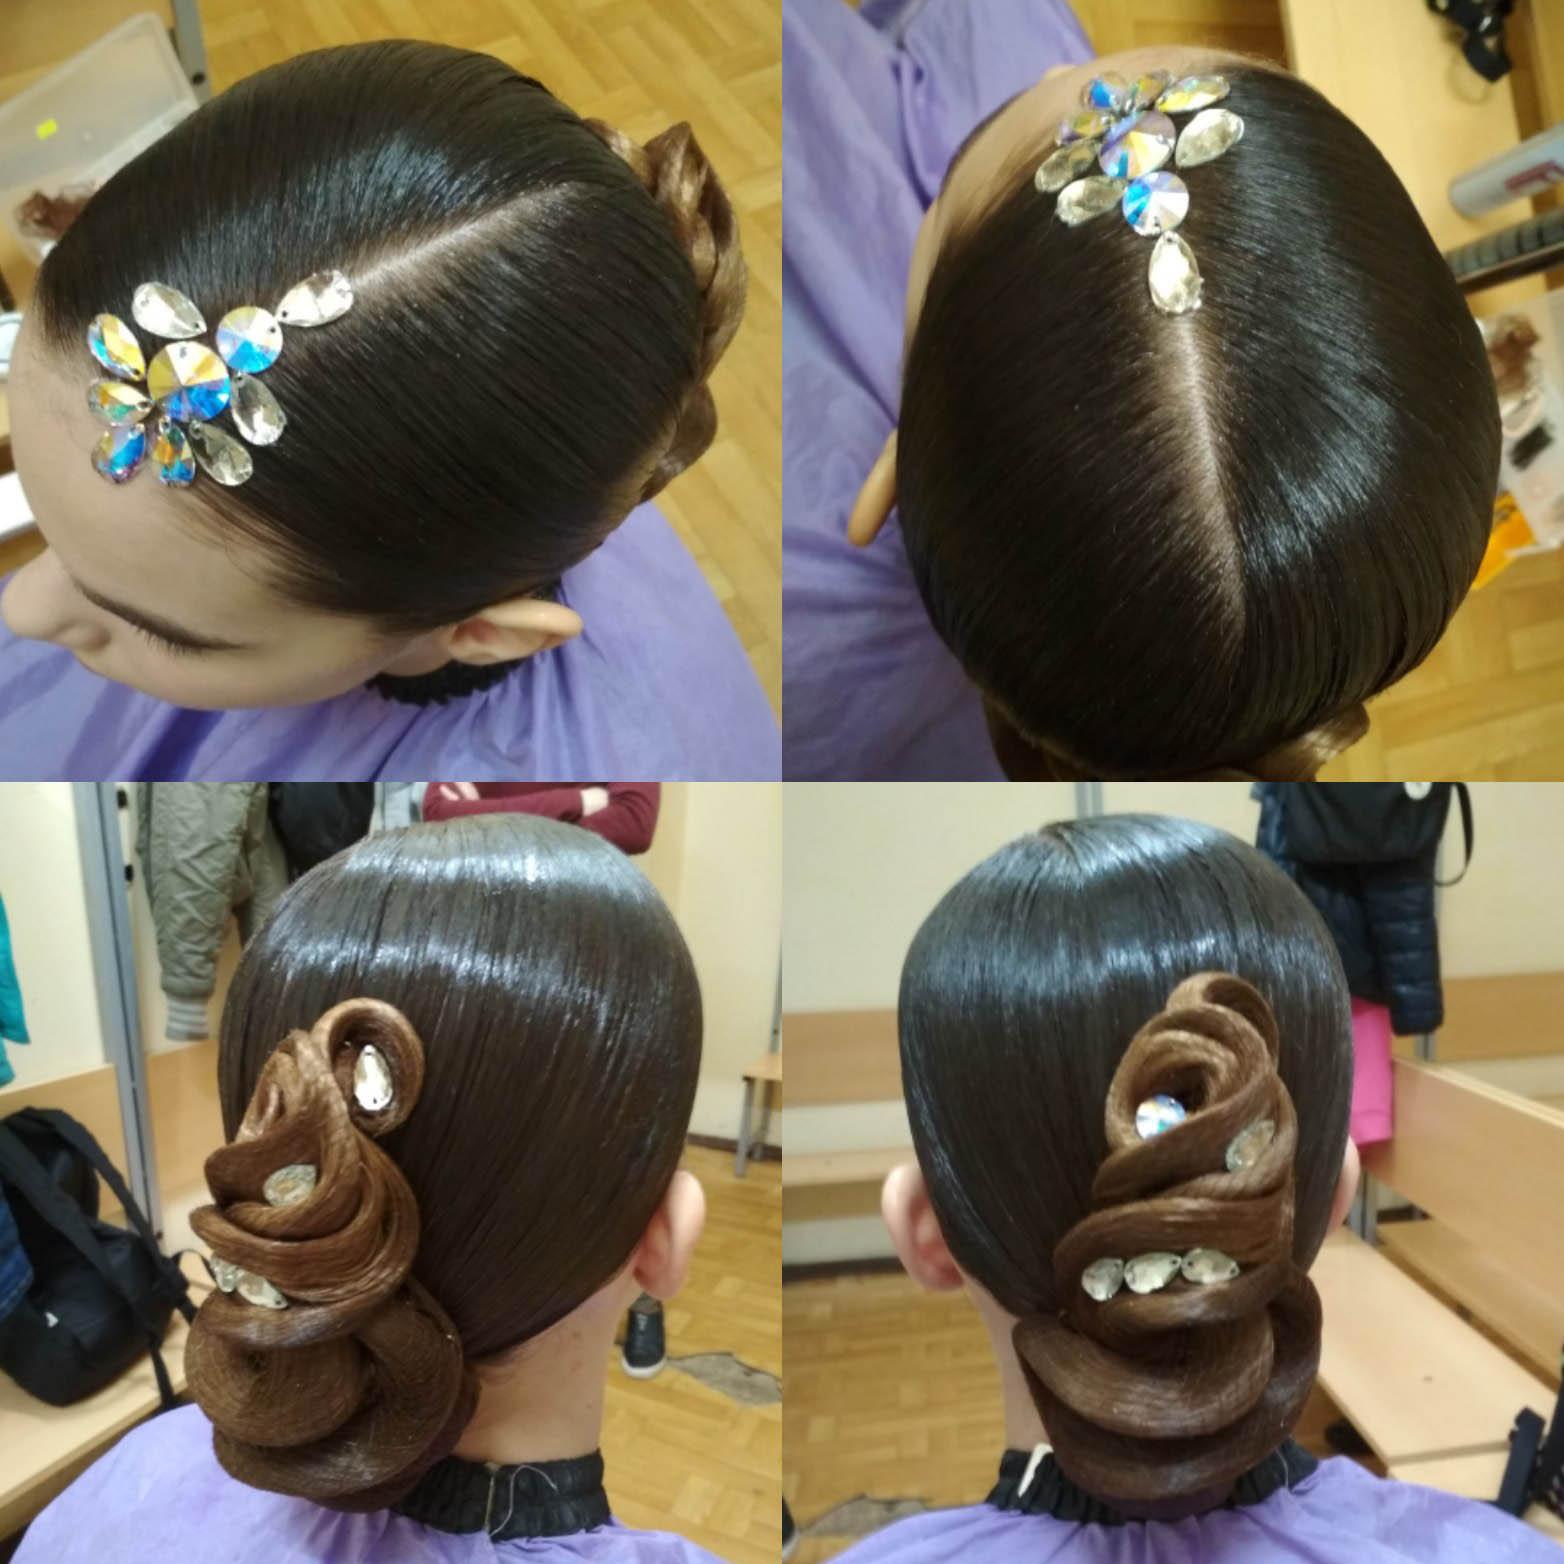 Прическа для бальных танцев — это всегда обилие лака для волос и вычурные пучки. Источник: группа «Прически и макияж для бальных танцев Style4dance»